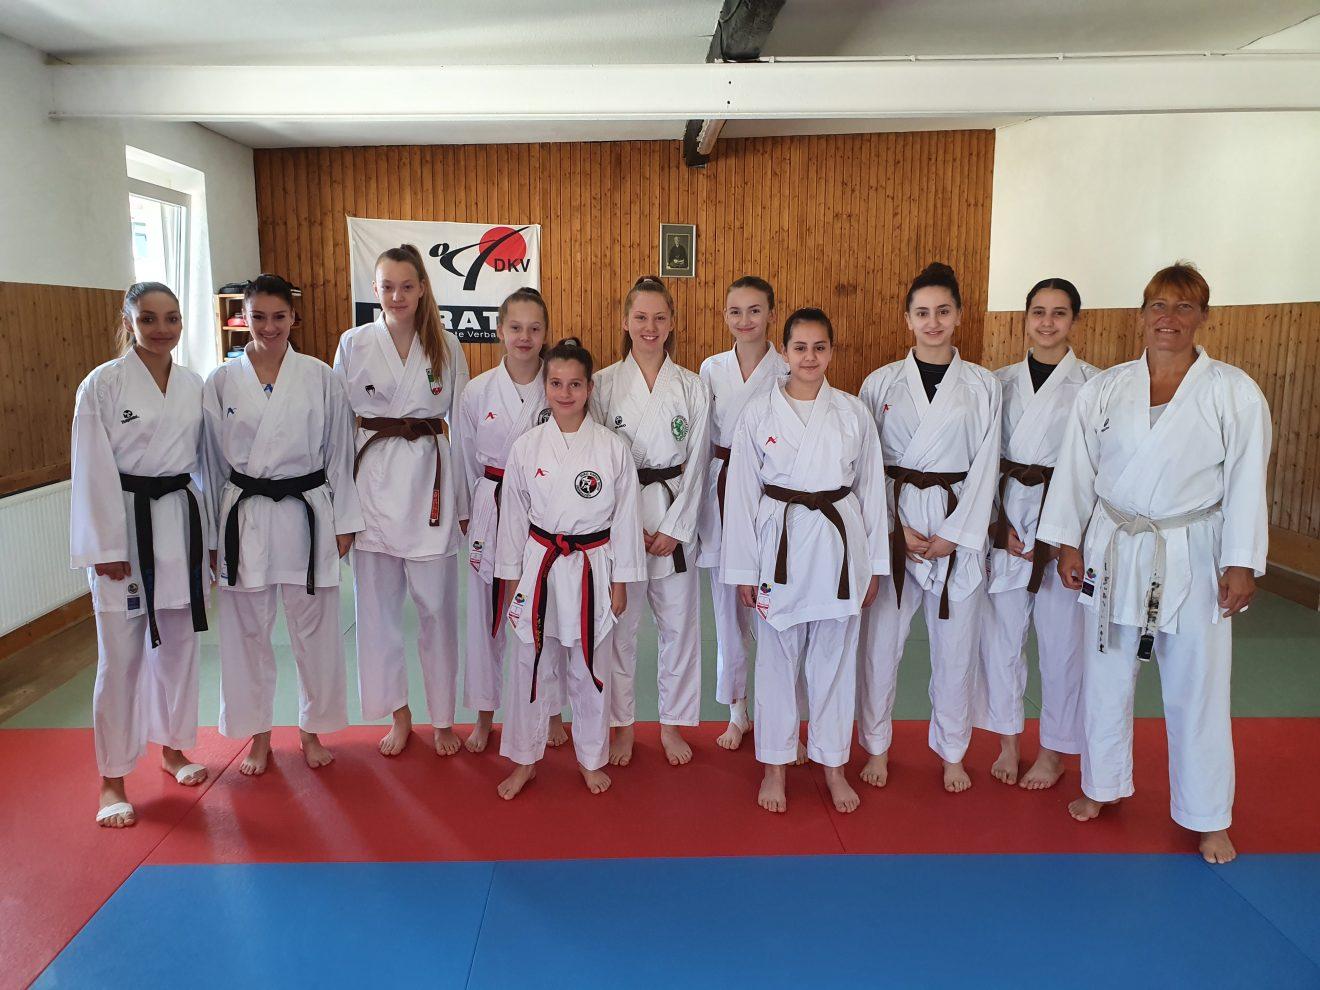 Das Damen-Kumite-Kader mit Landestrainerin Susanne Nitschmann in Duisburg